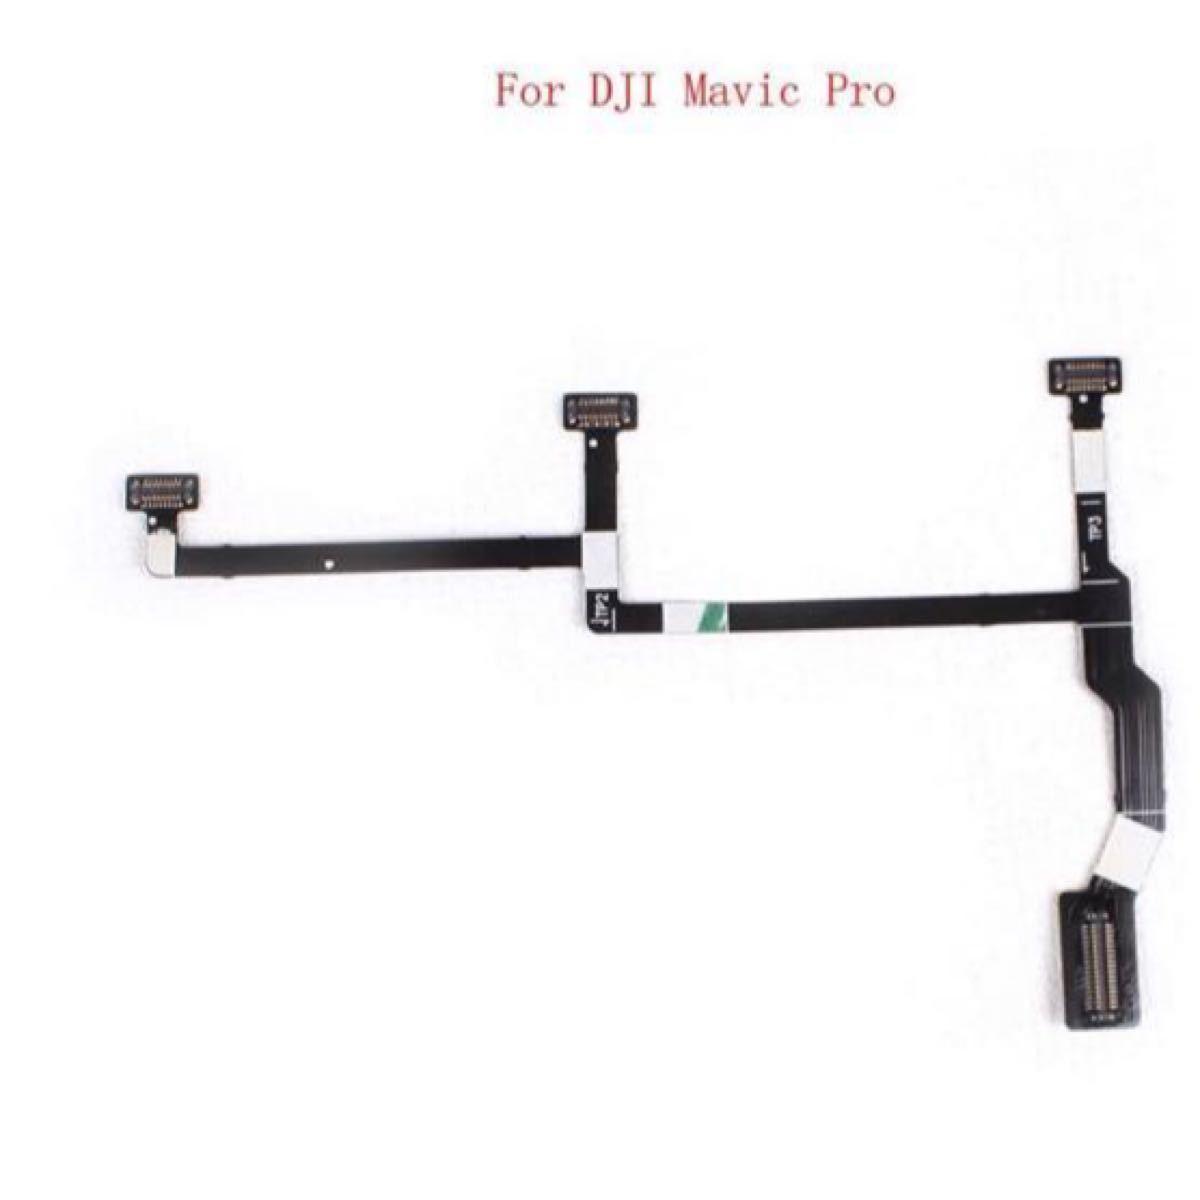 DJI Mavic Pro リボンフレキシブルフラットケーブル ジンバルカメラ補修パーツ